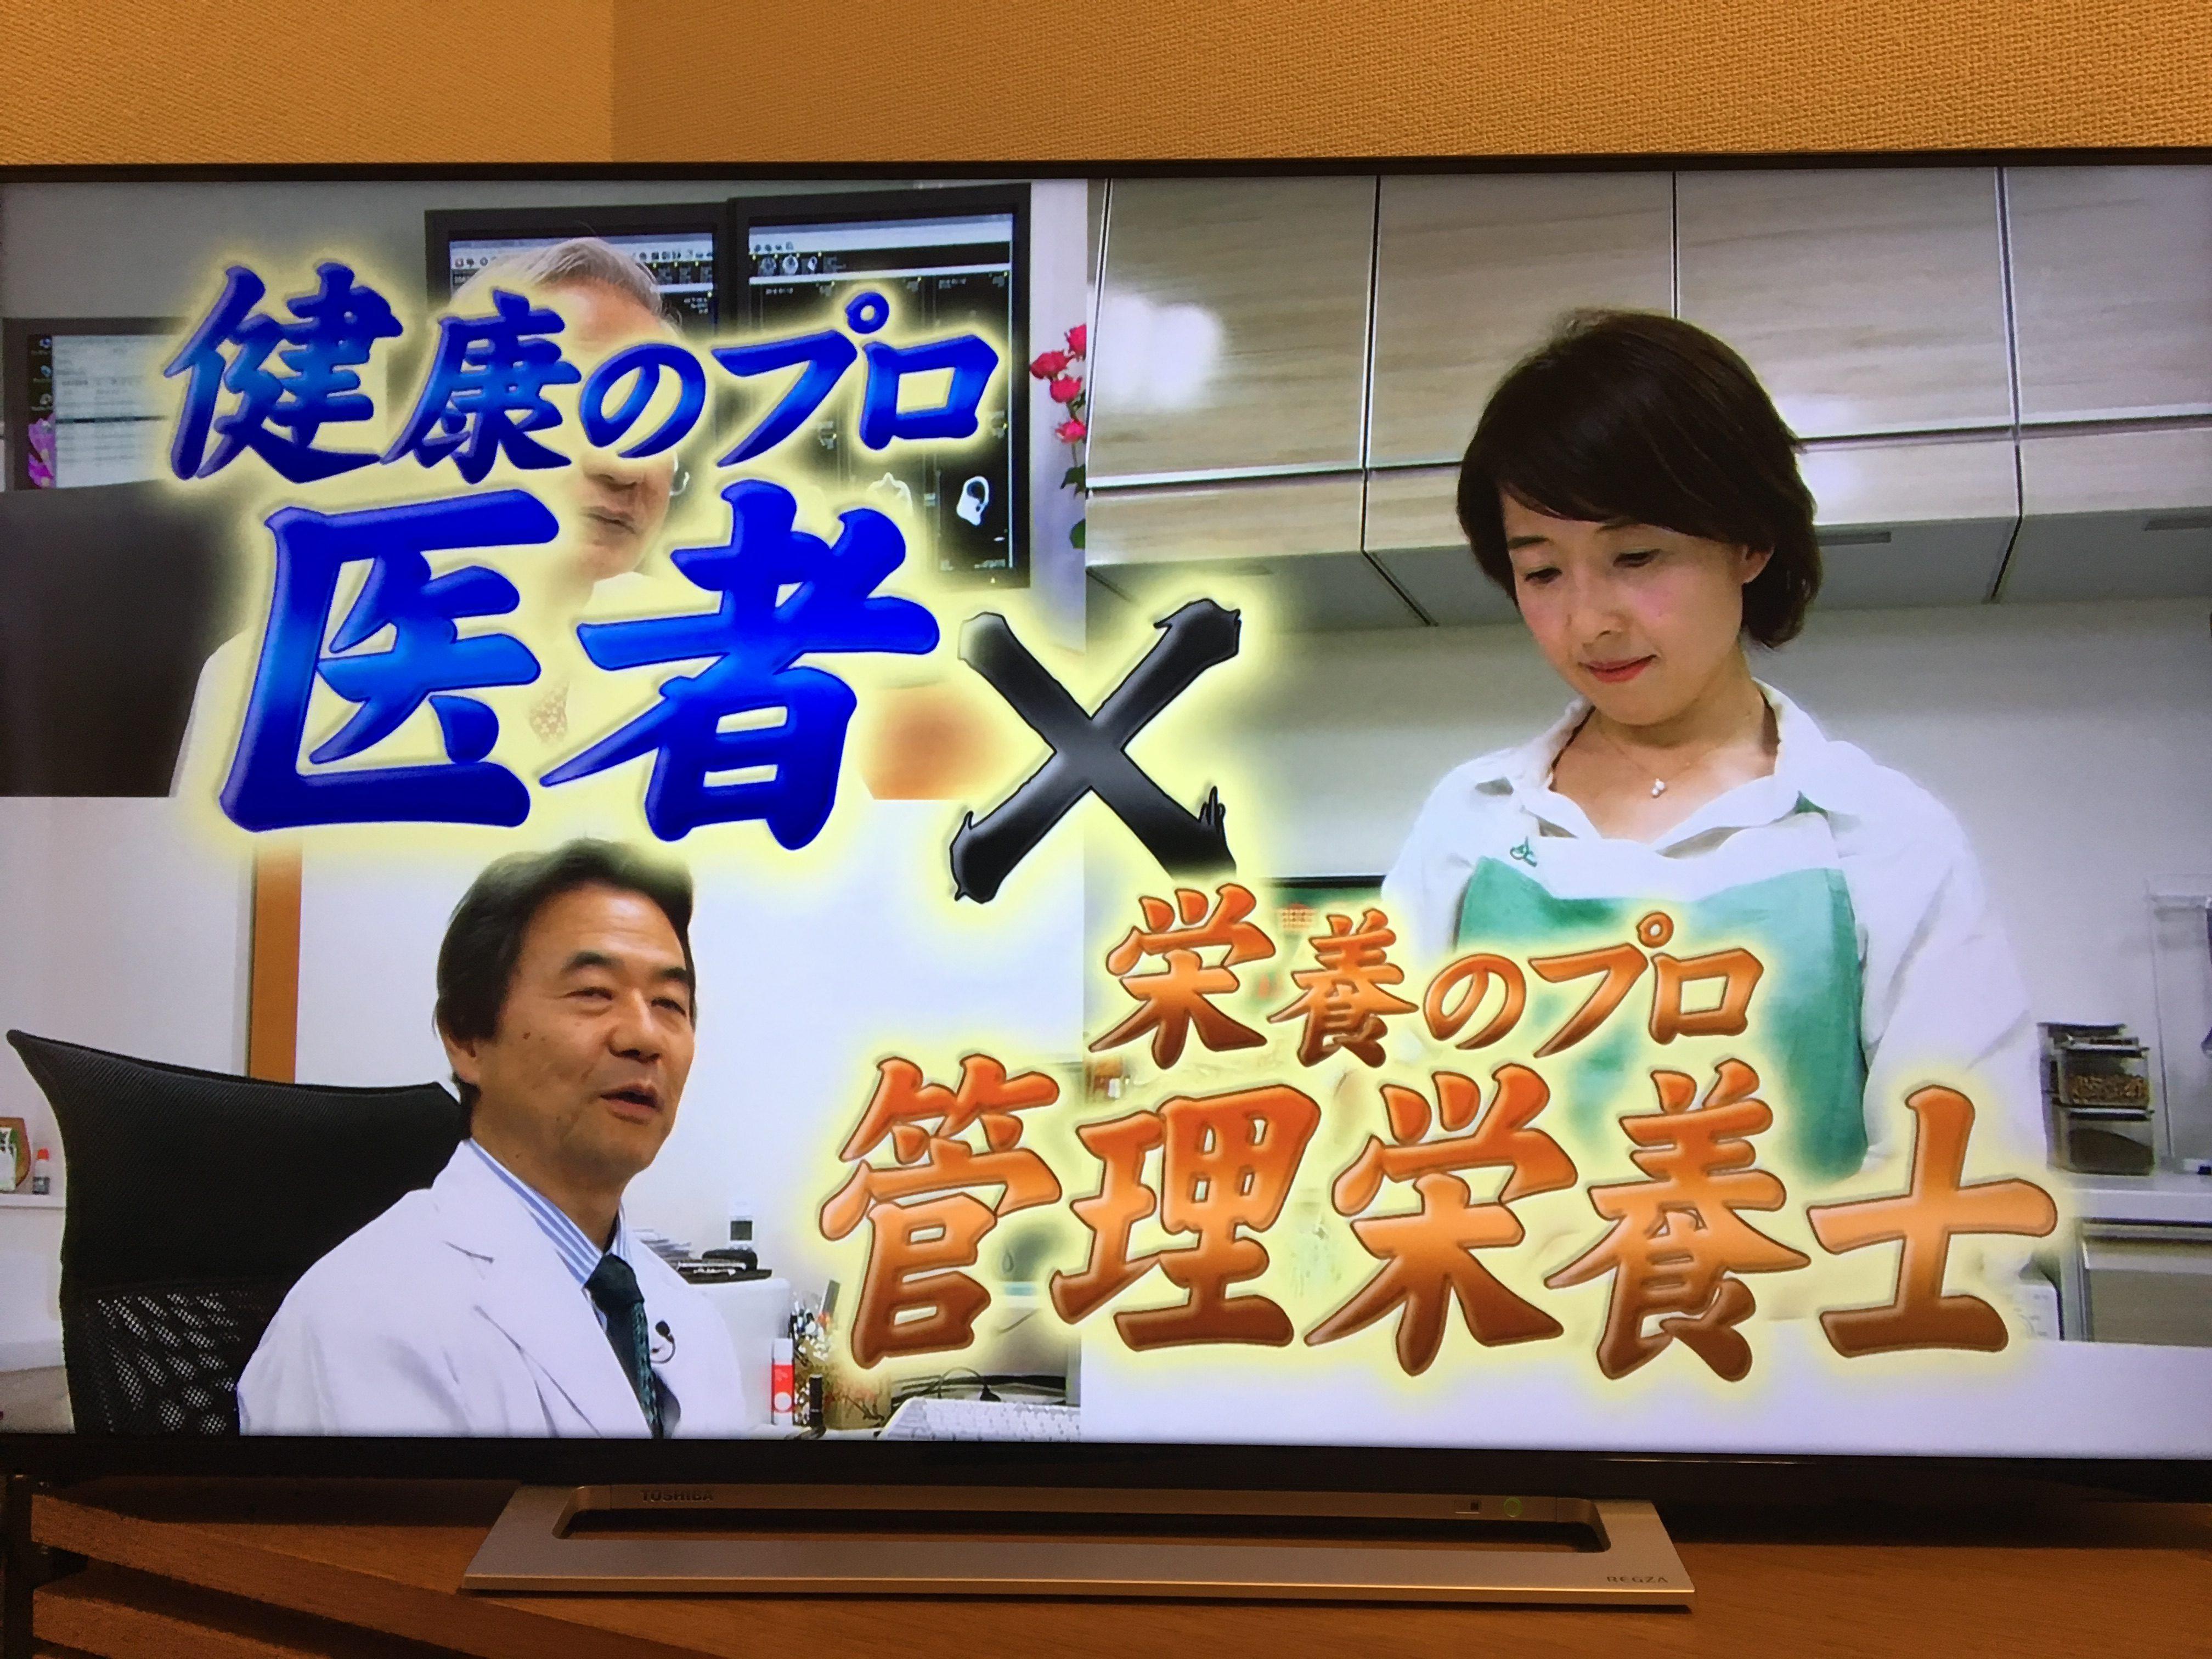 【テレビ出演】TBS「ジョブチューン」レシピつき;冬こそ食べるべき三大健康食材&健康番組について